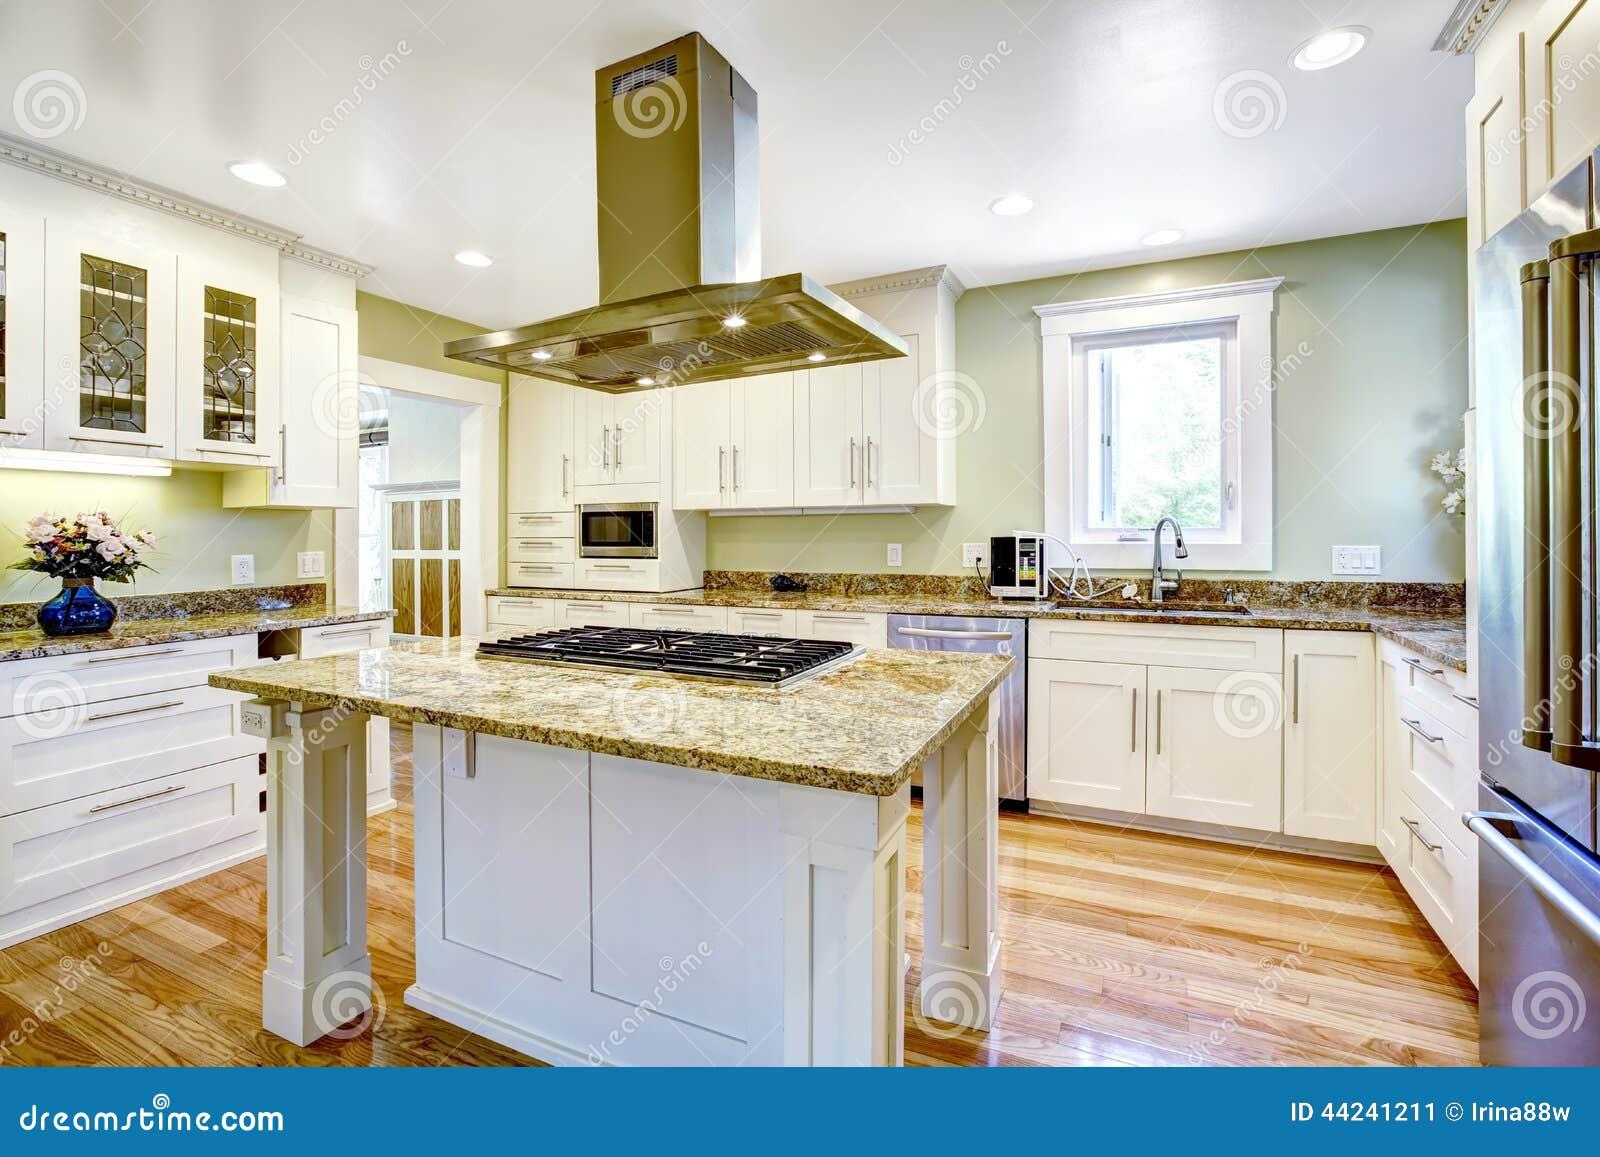 Kücheninsel Mit Eingebautem Ofen, Granitspitze Und Haube Stockbild ...